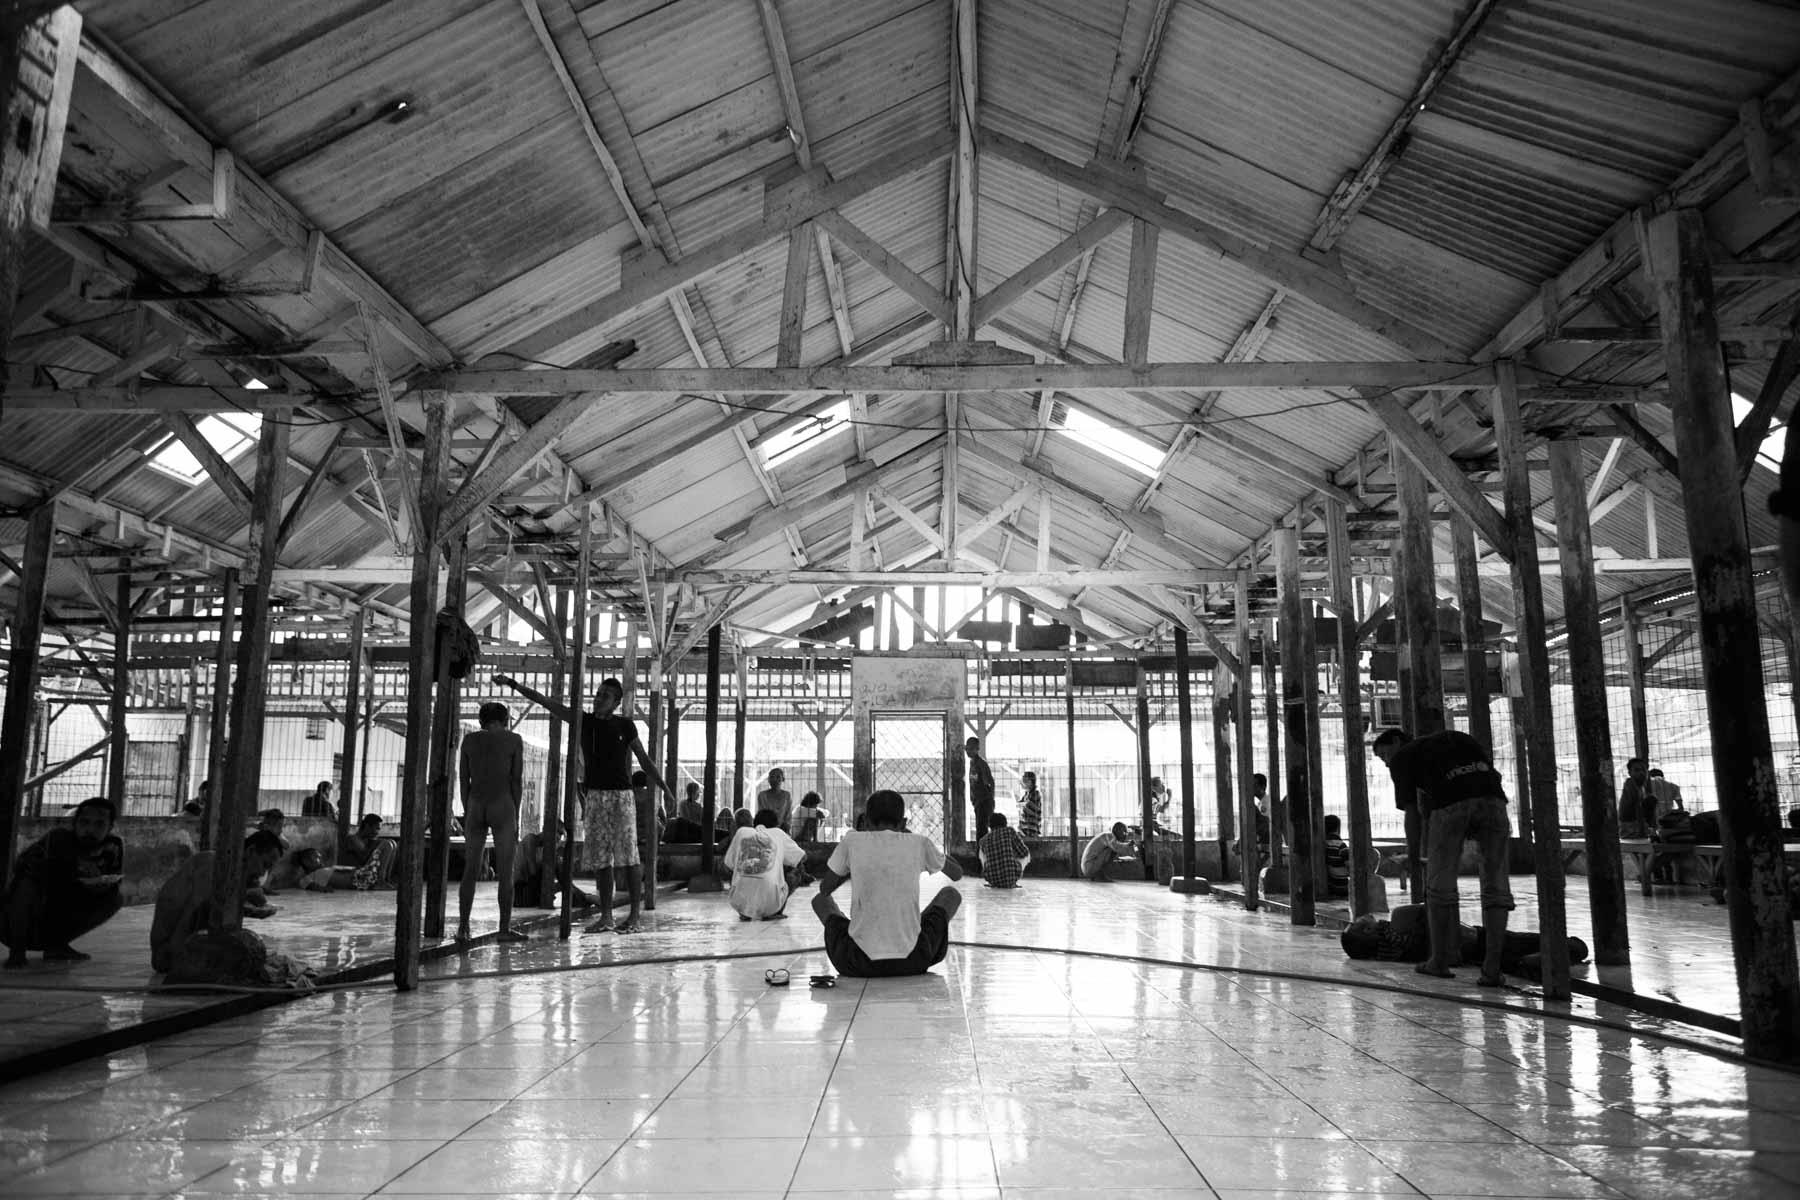 April 2013. Bekasi, Indonesia.